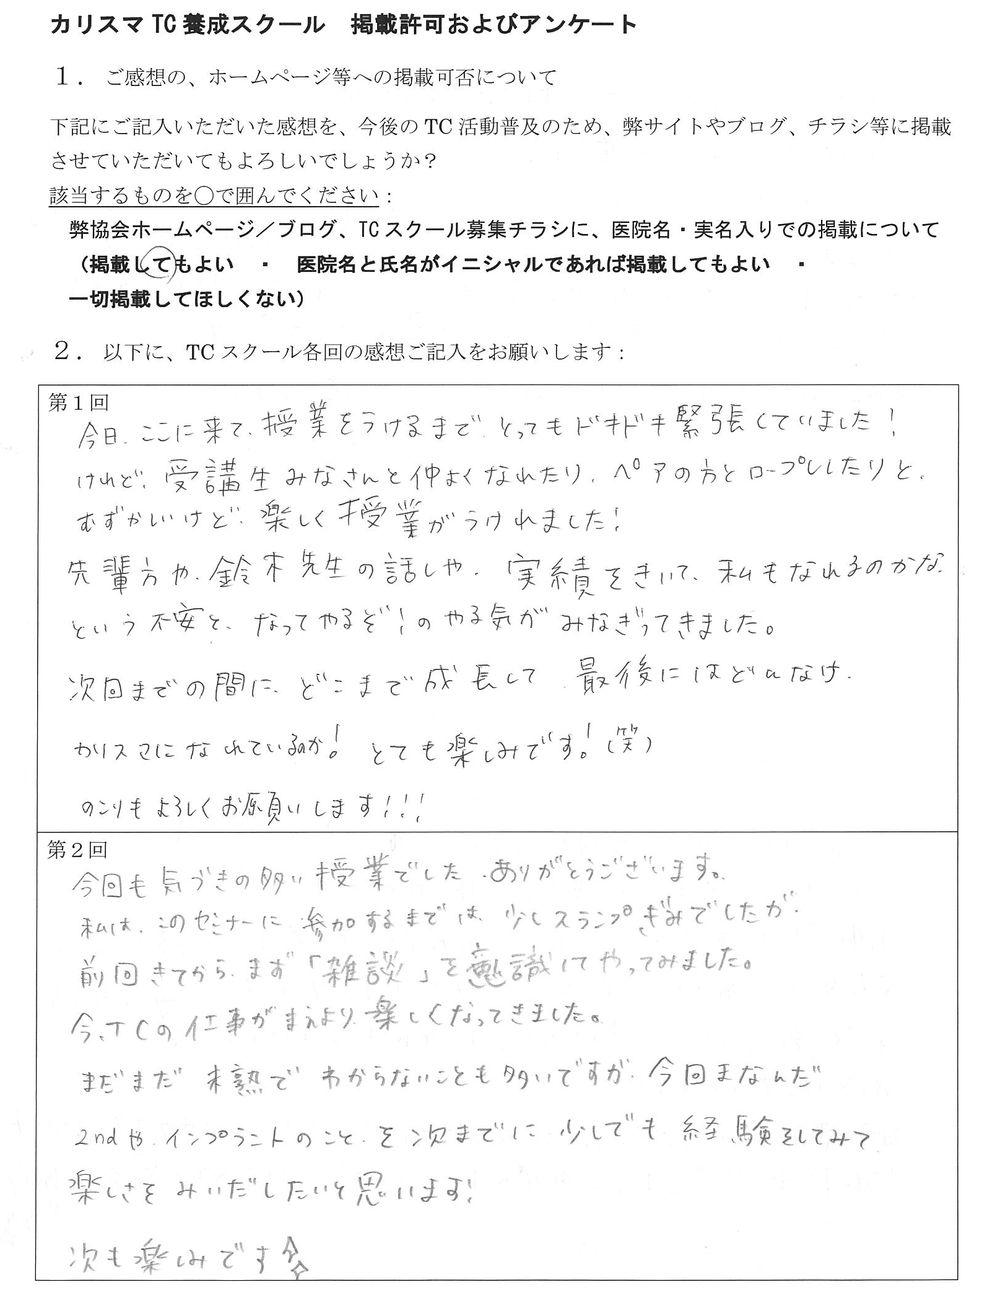 鶴田 香織様アンケート